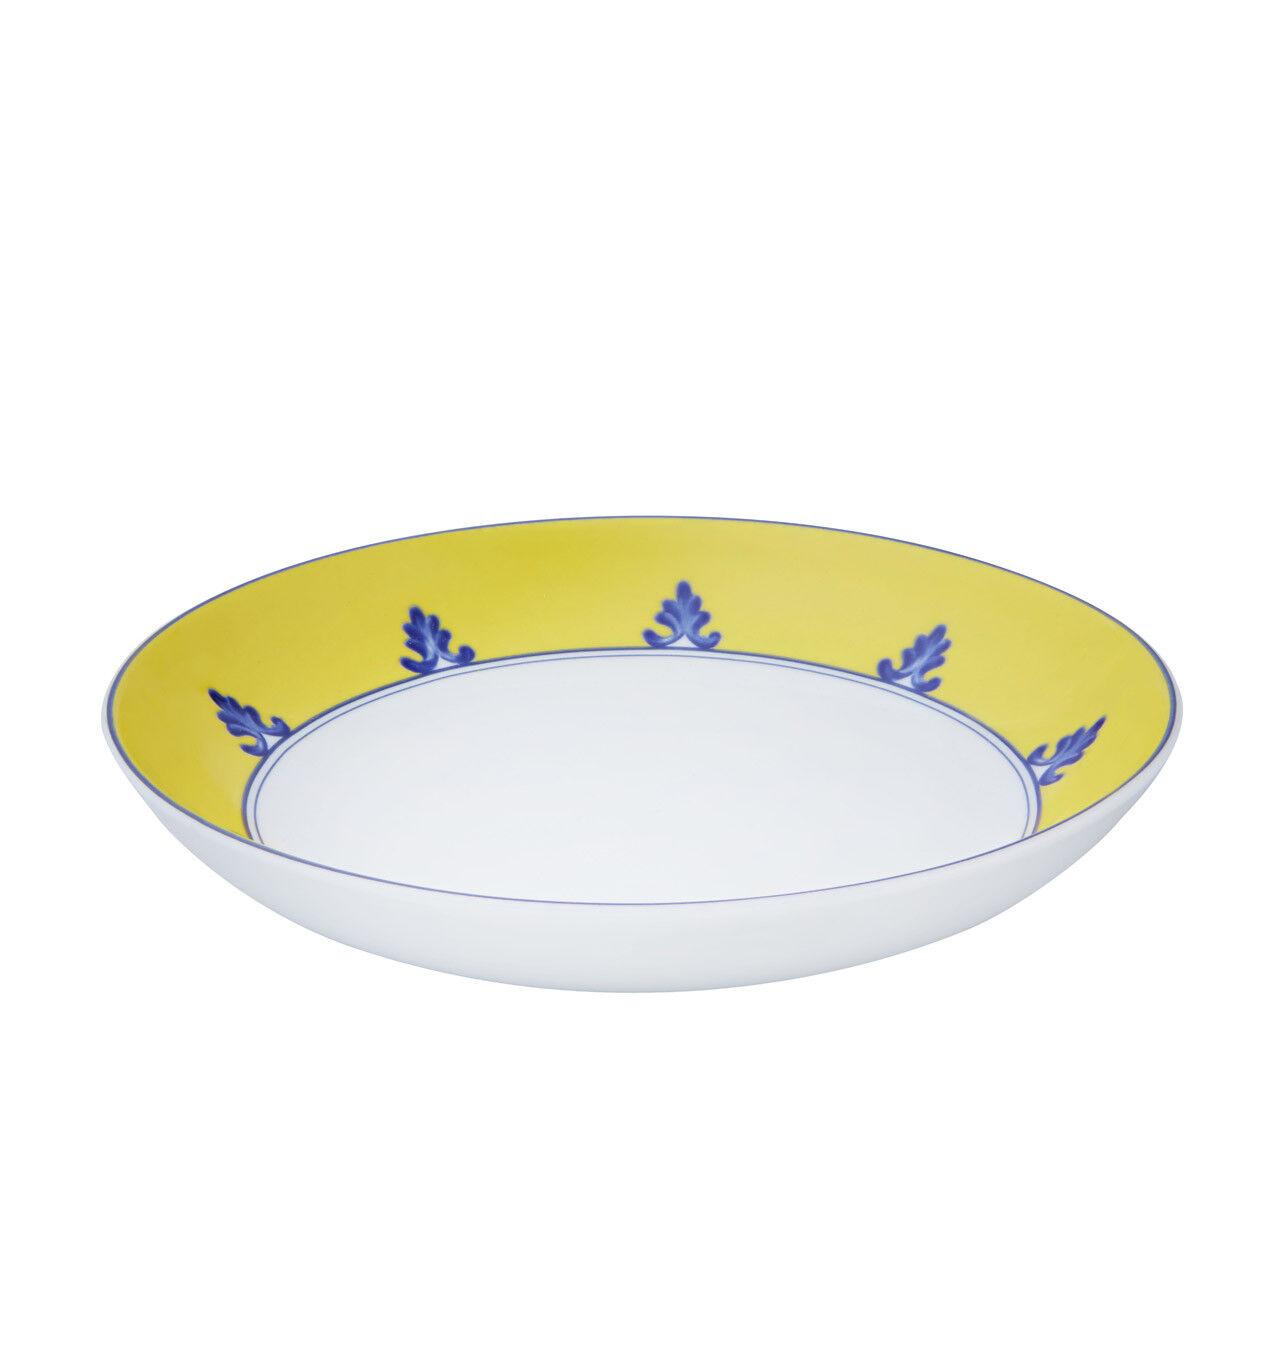 Vista Alegre Castelo Branco assiettes à soupe-Set de 12